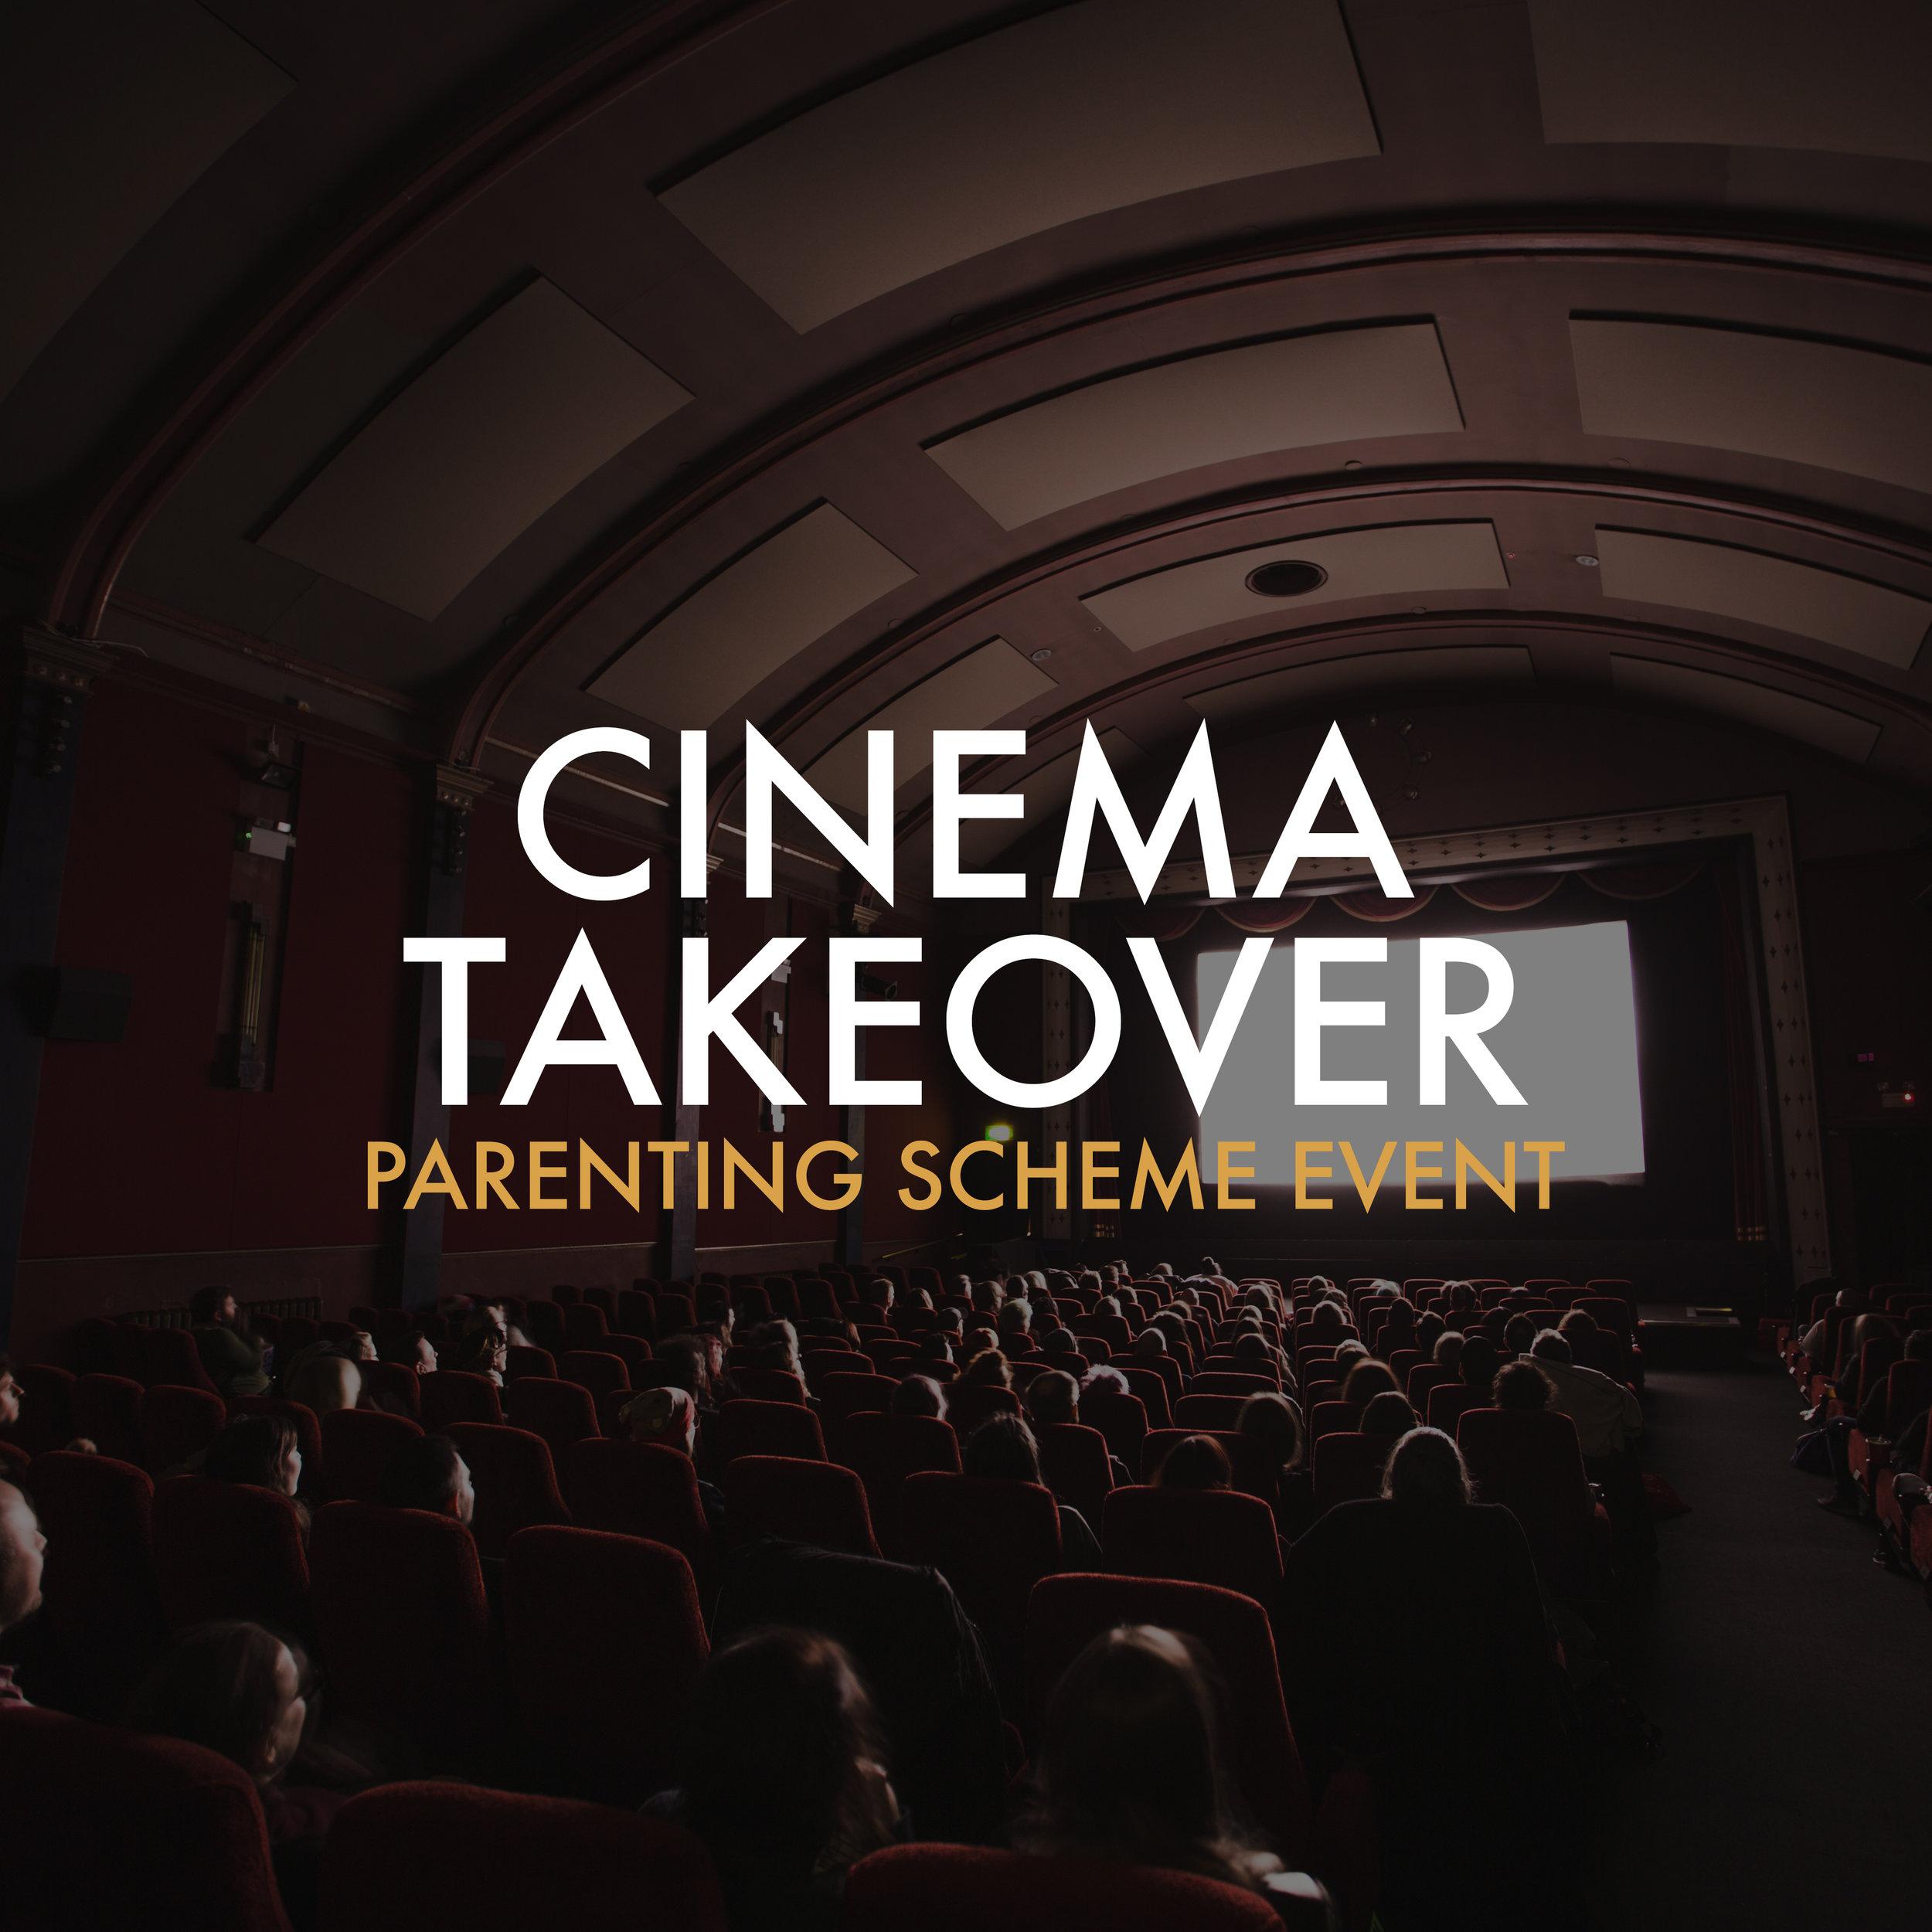 cinema takeover.jpg